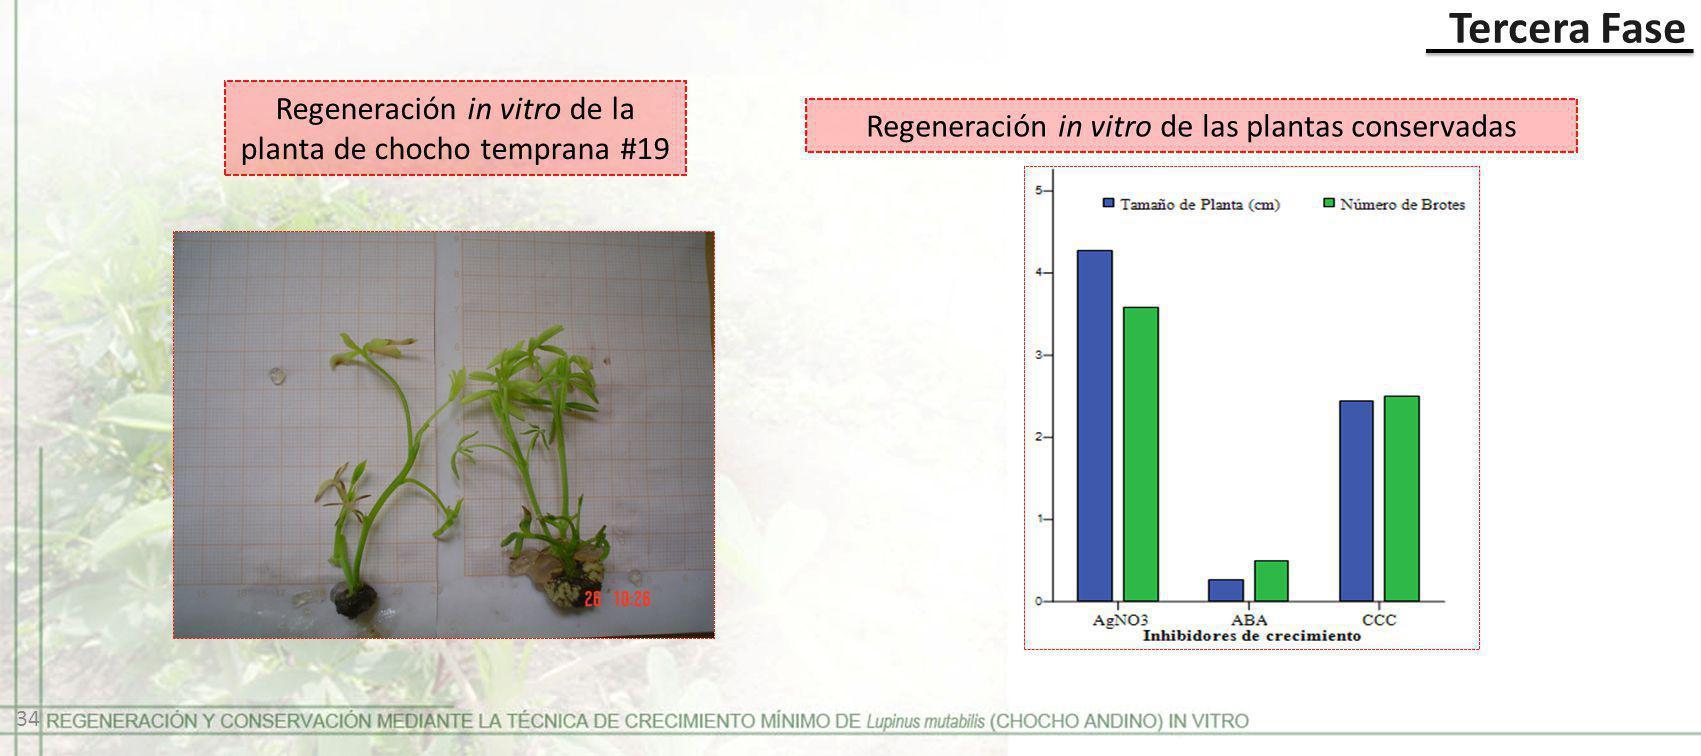 Tercera Fase Regeneración in vitro de las plantas conservadas Regeneración in vitro de la planta de chocho temprana #19 34